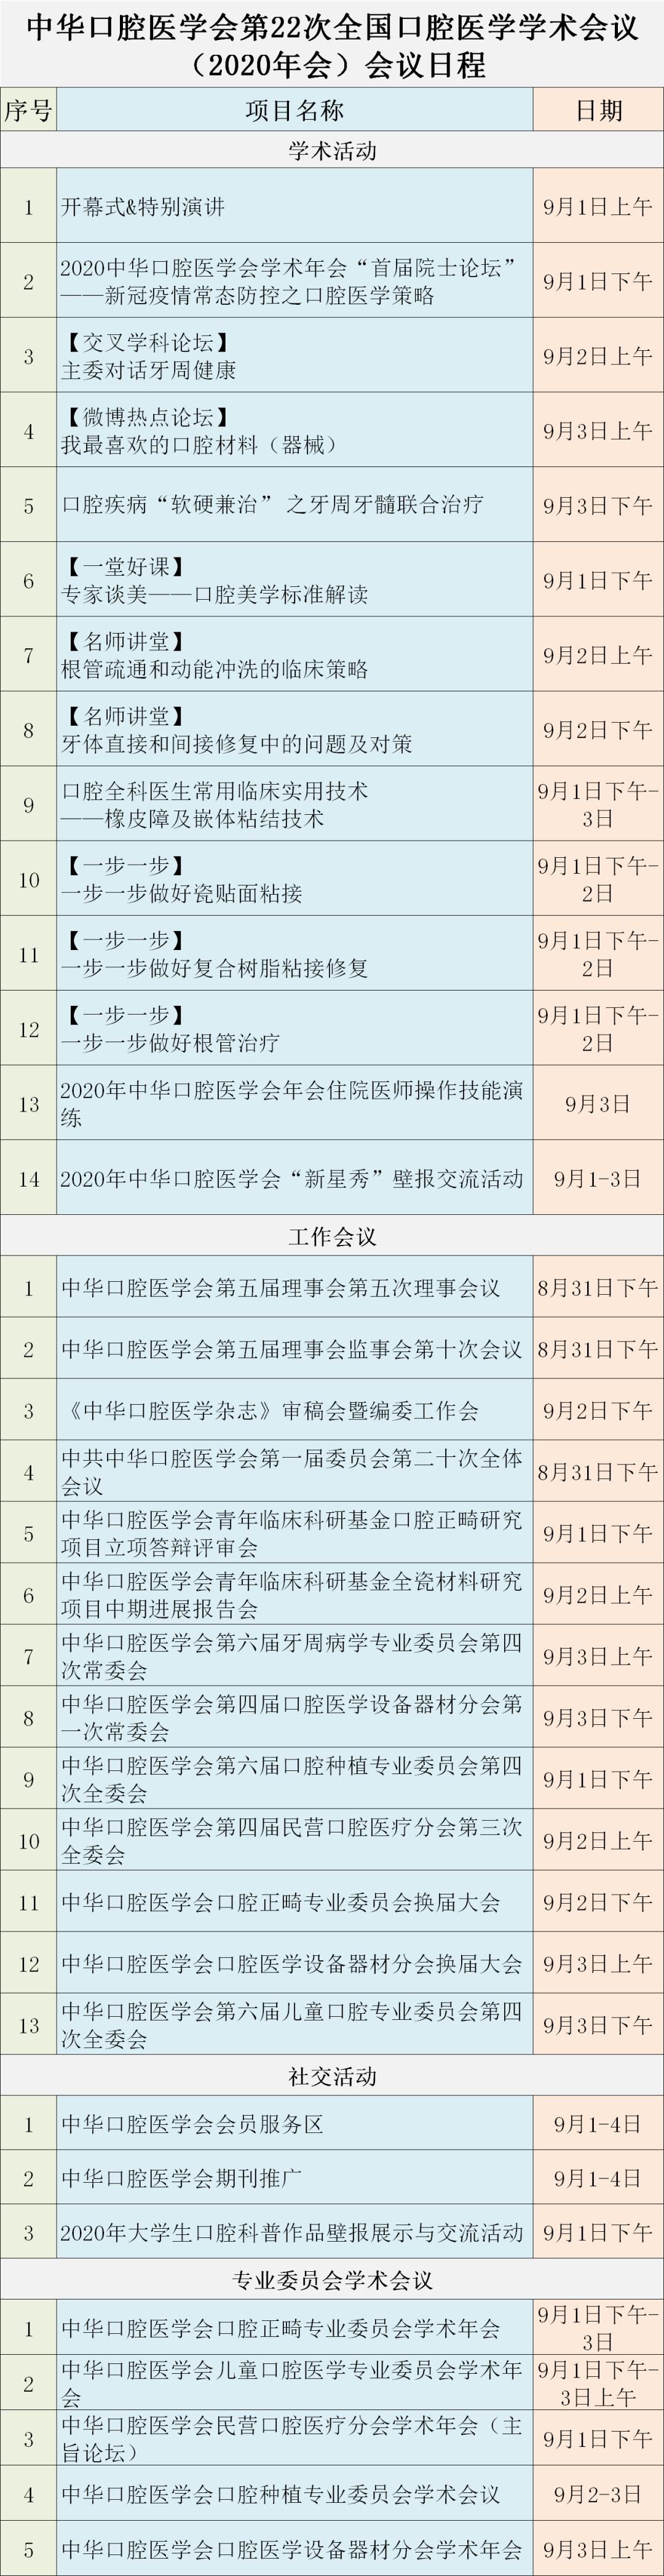 中华口腔医学会周报2020年28期